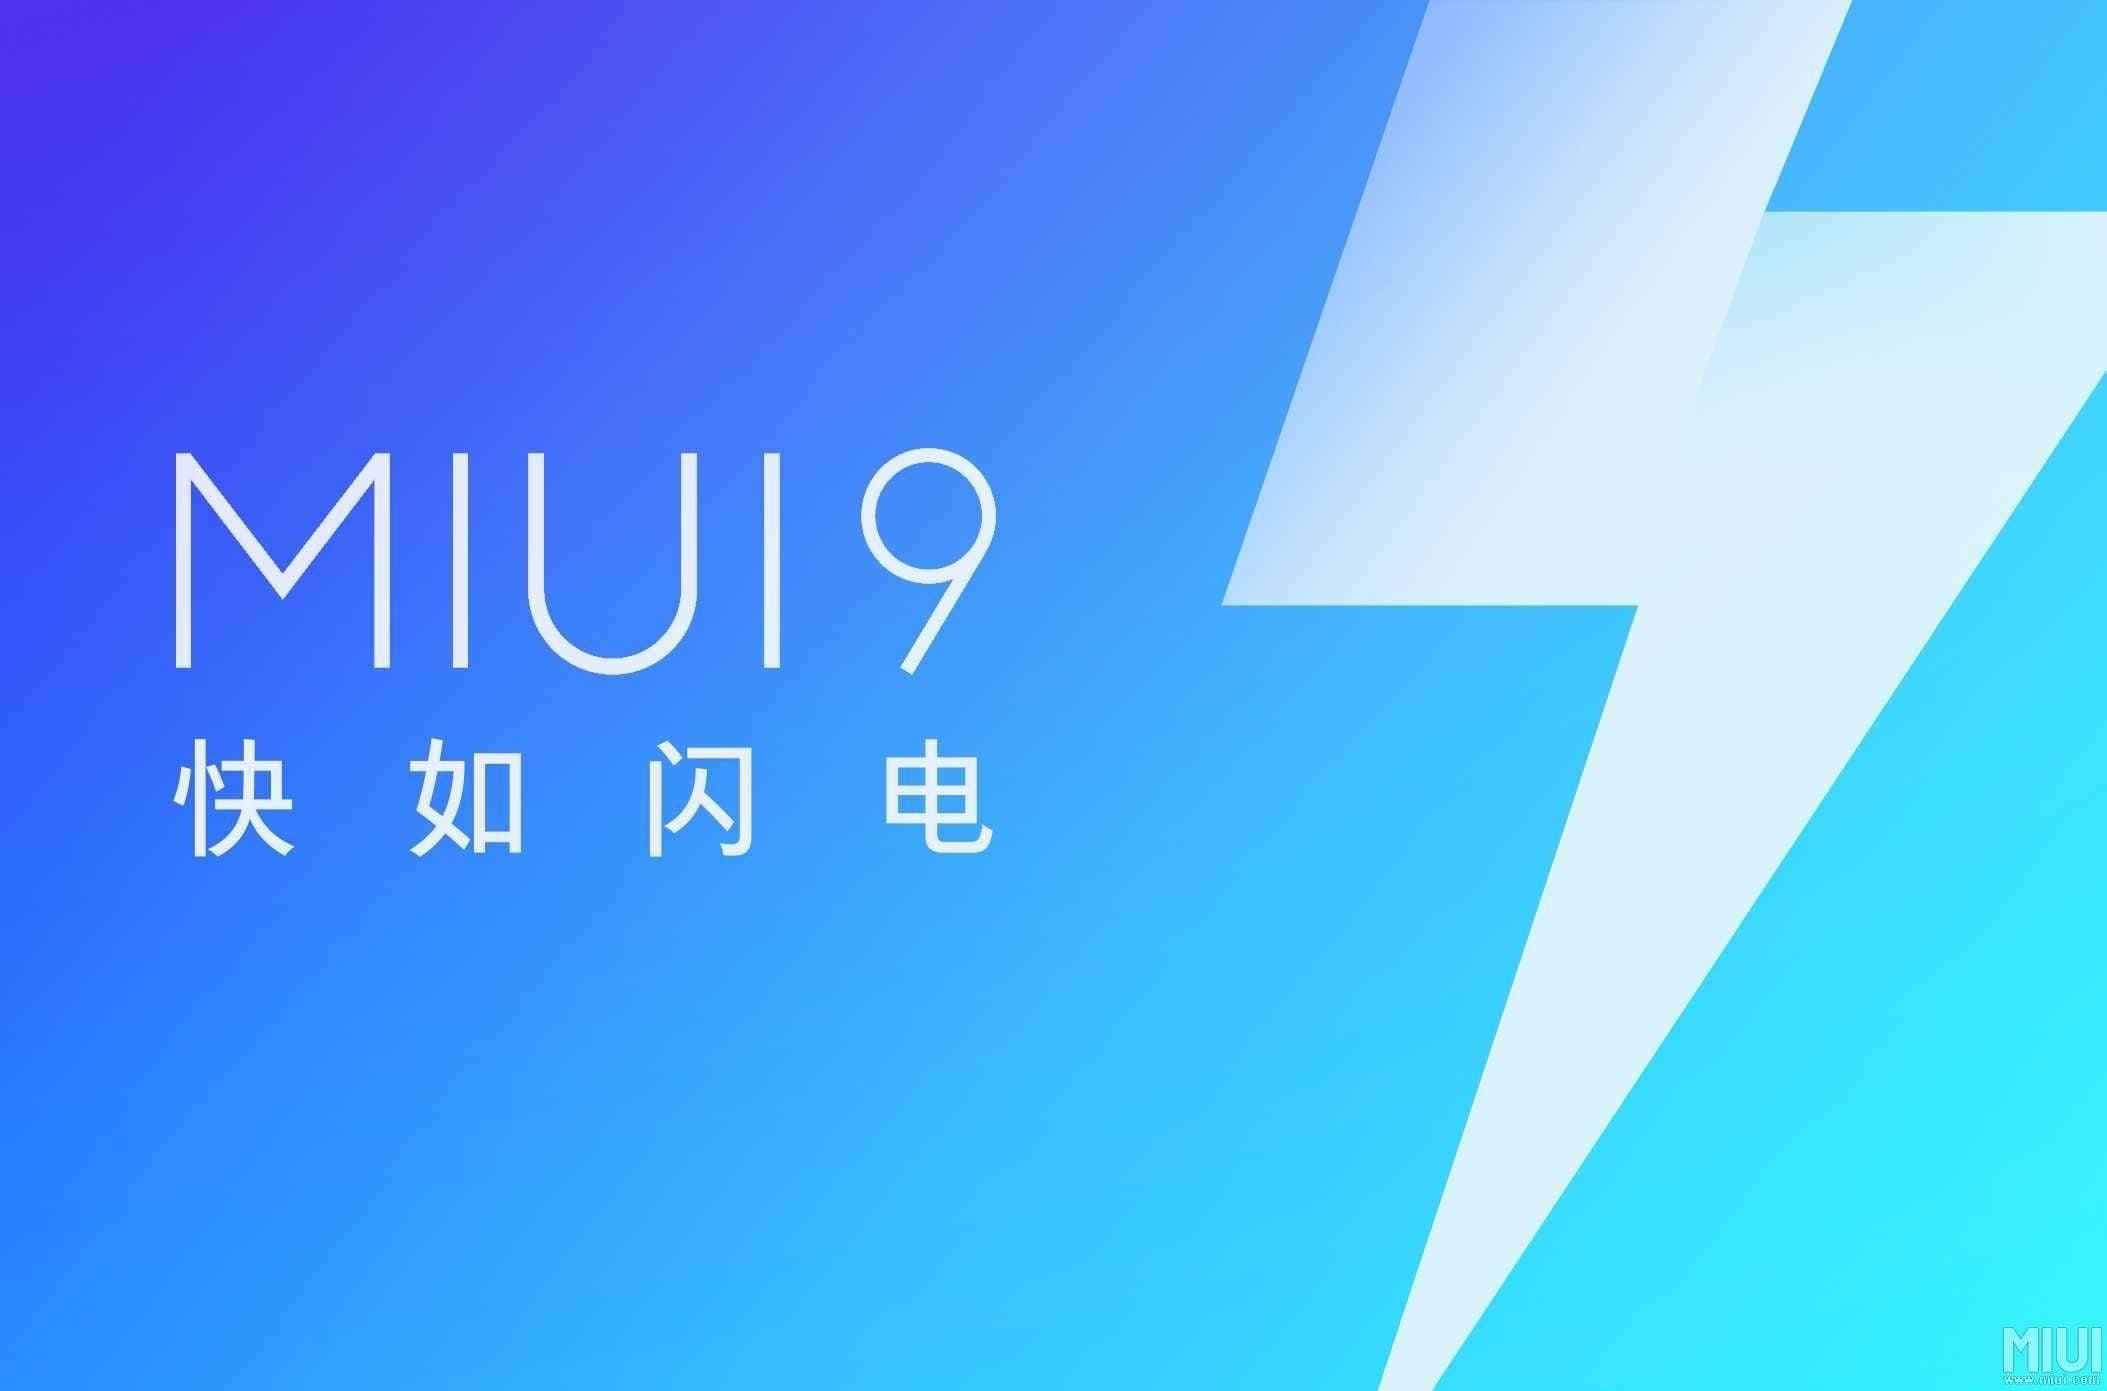 Te chińskie znaczki podobno oznaczają, że MIUI 9 już niedaleko 31